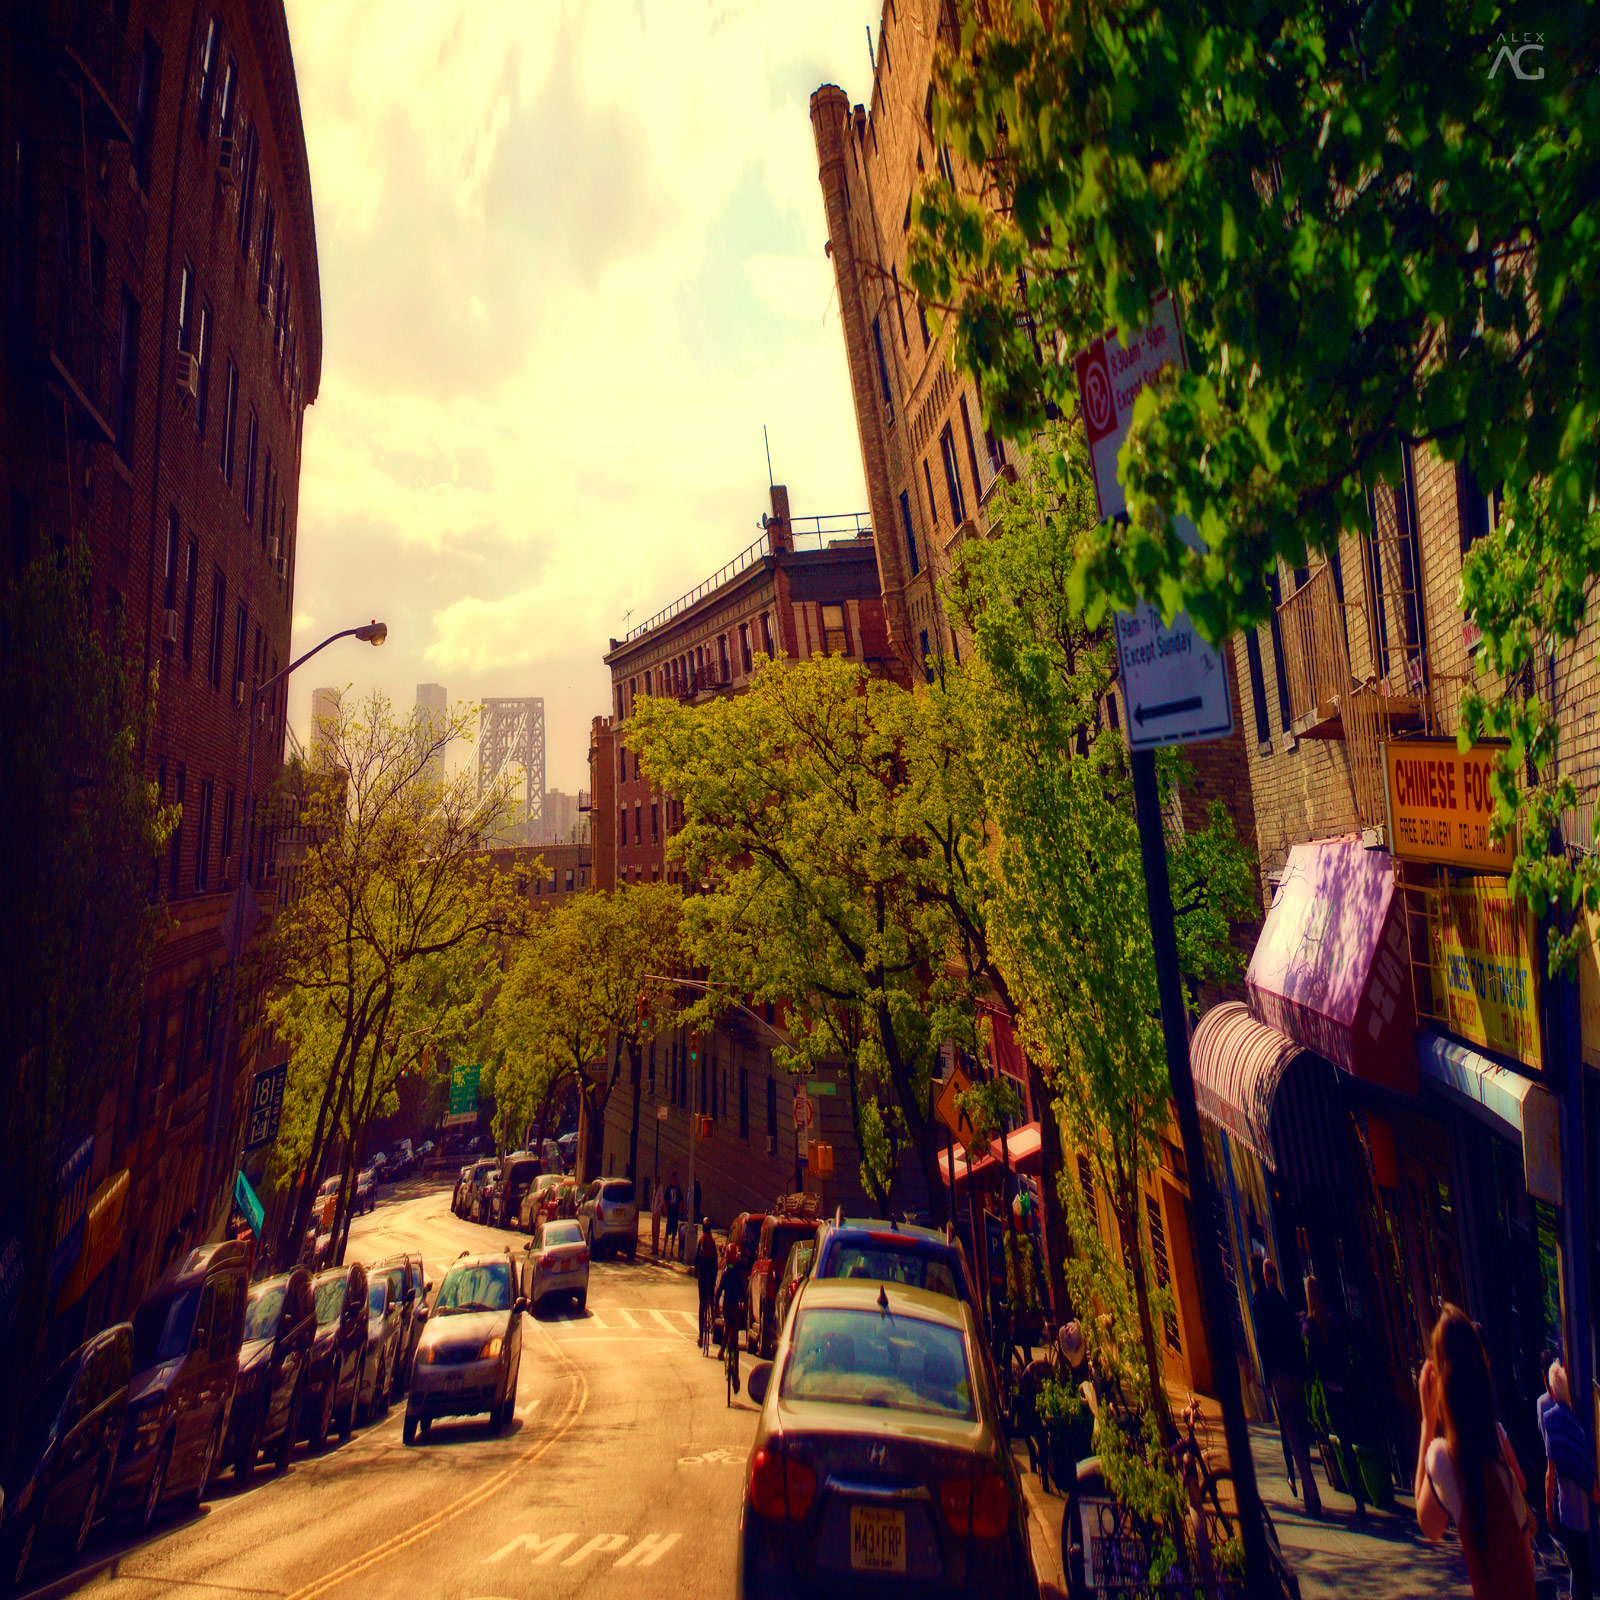 ManhattanStreetWithGeorgeWashingtonBridgeInTheEnd_warped_1600